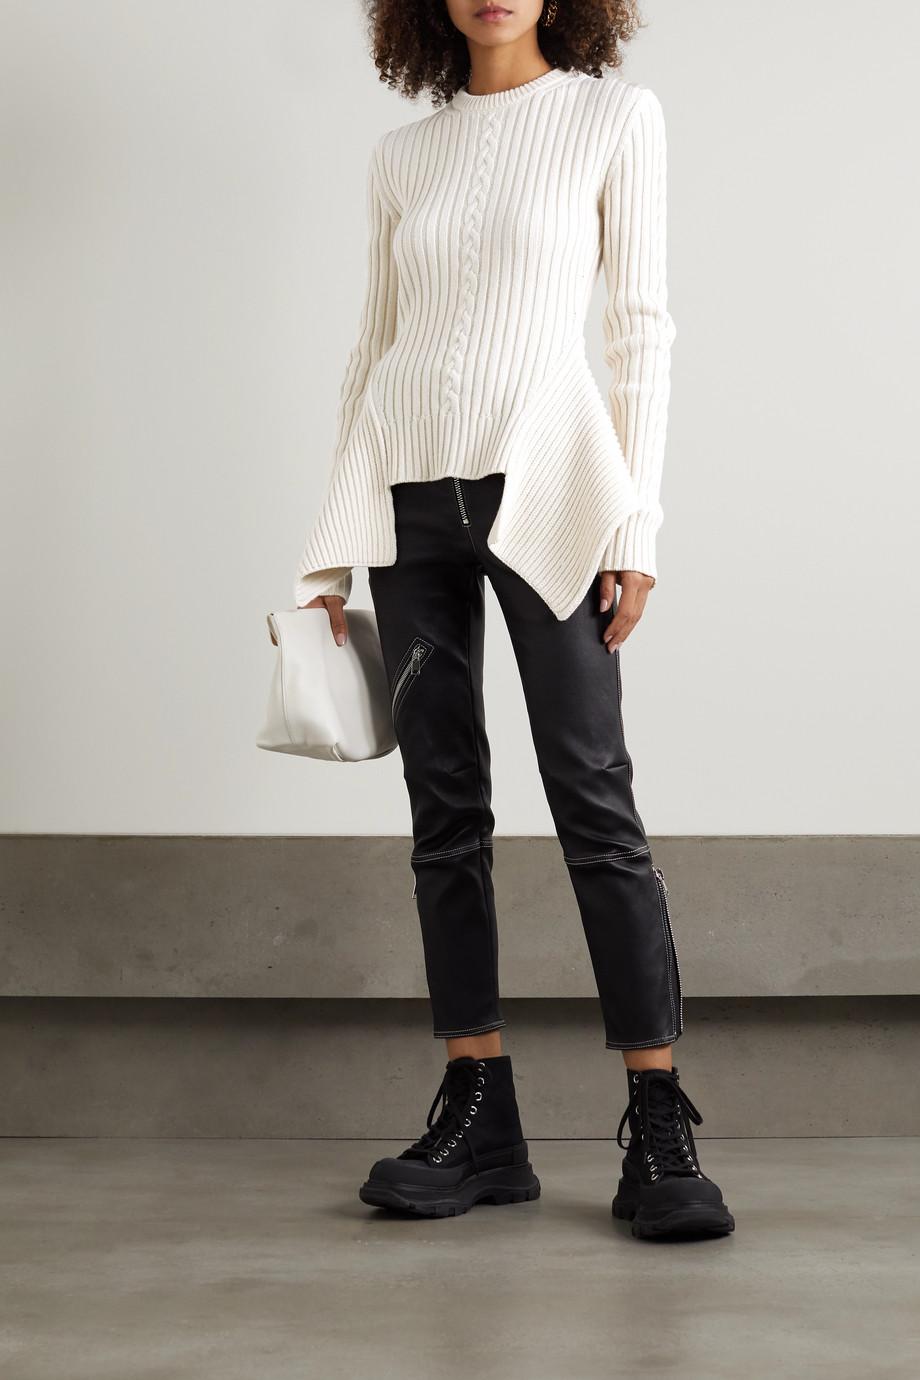 Alexander McQueen Asymmetrischer Pullover aus einer Woll-Kaschmirmischung in Ripp- und Zopfstrick